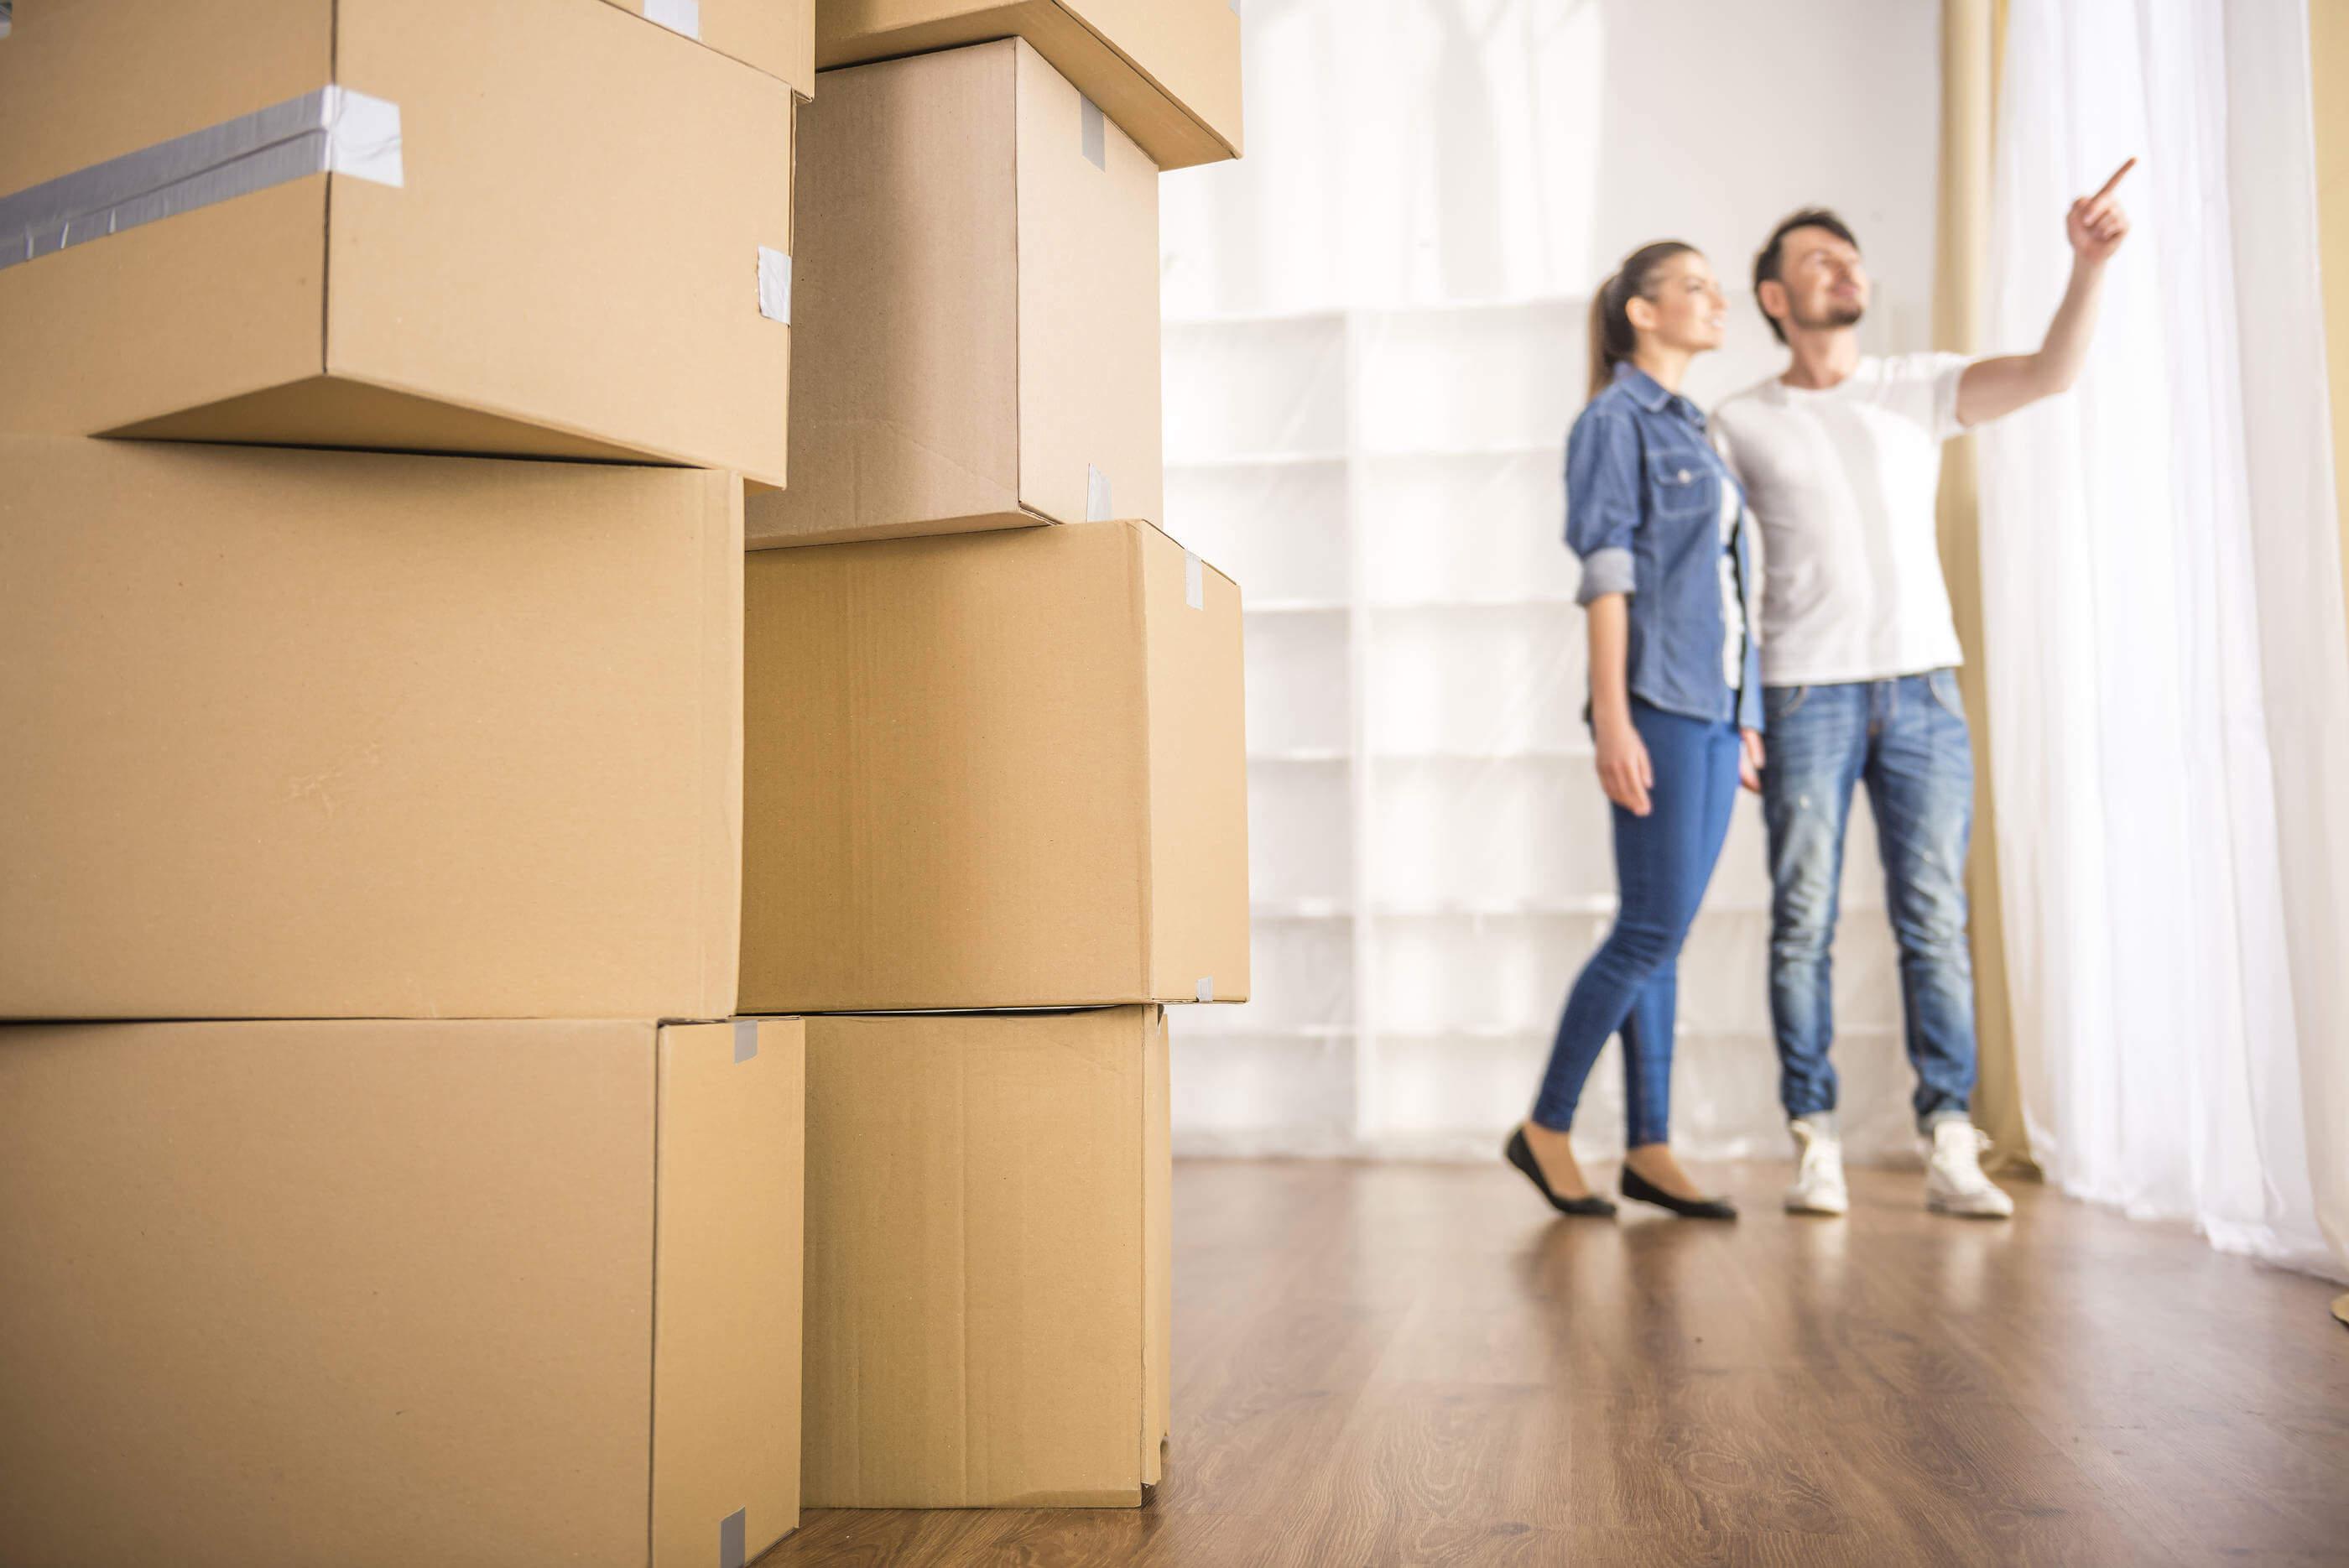 новые квартиры вологда купить новую квартиру продажа новых квартир в вологде недорого новая квартира